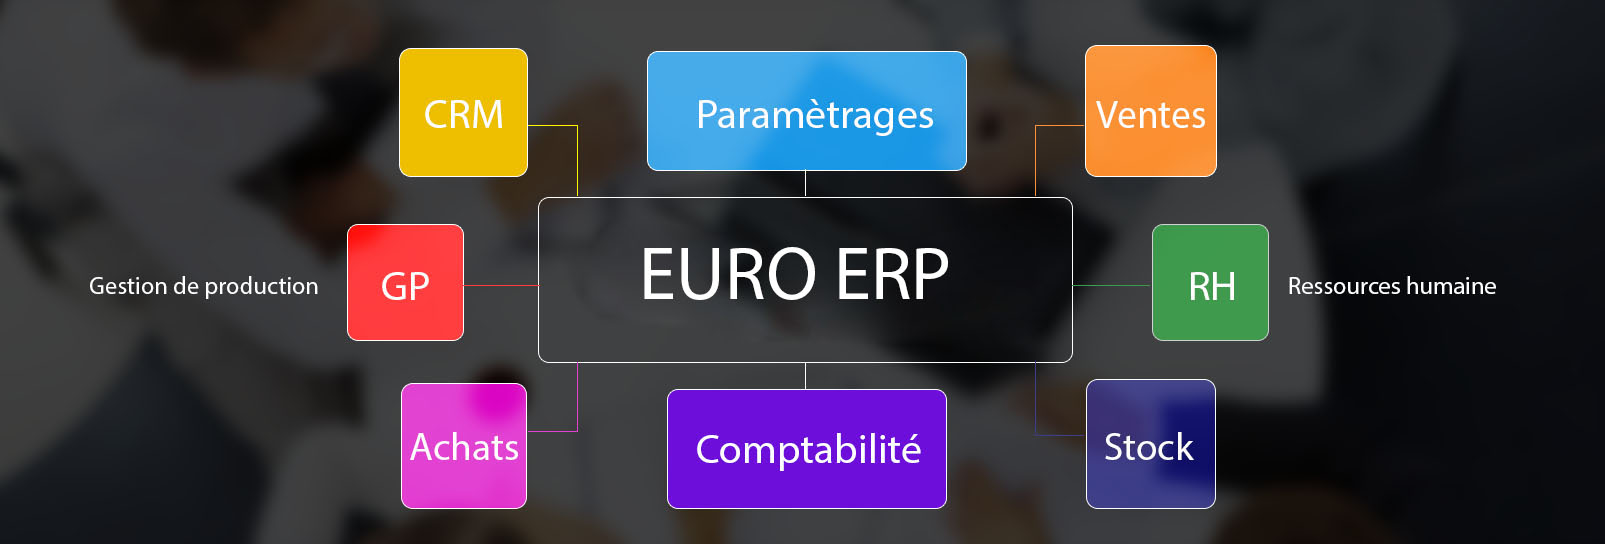 Informations ERP : logiciel de planification